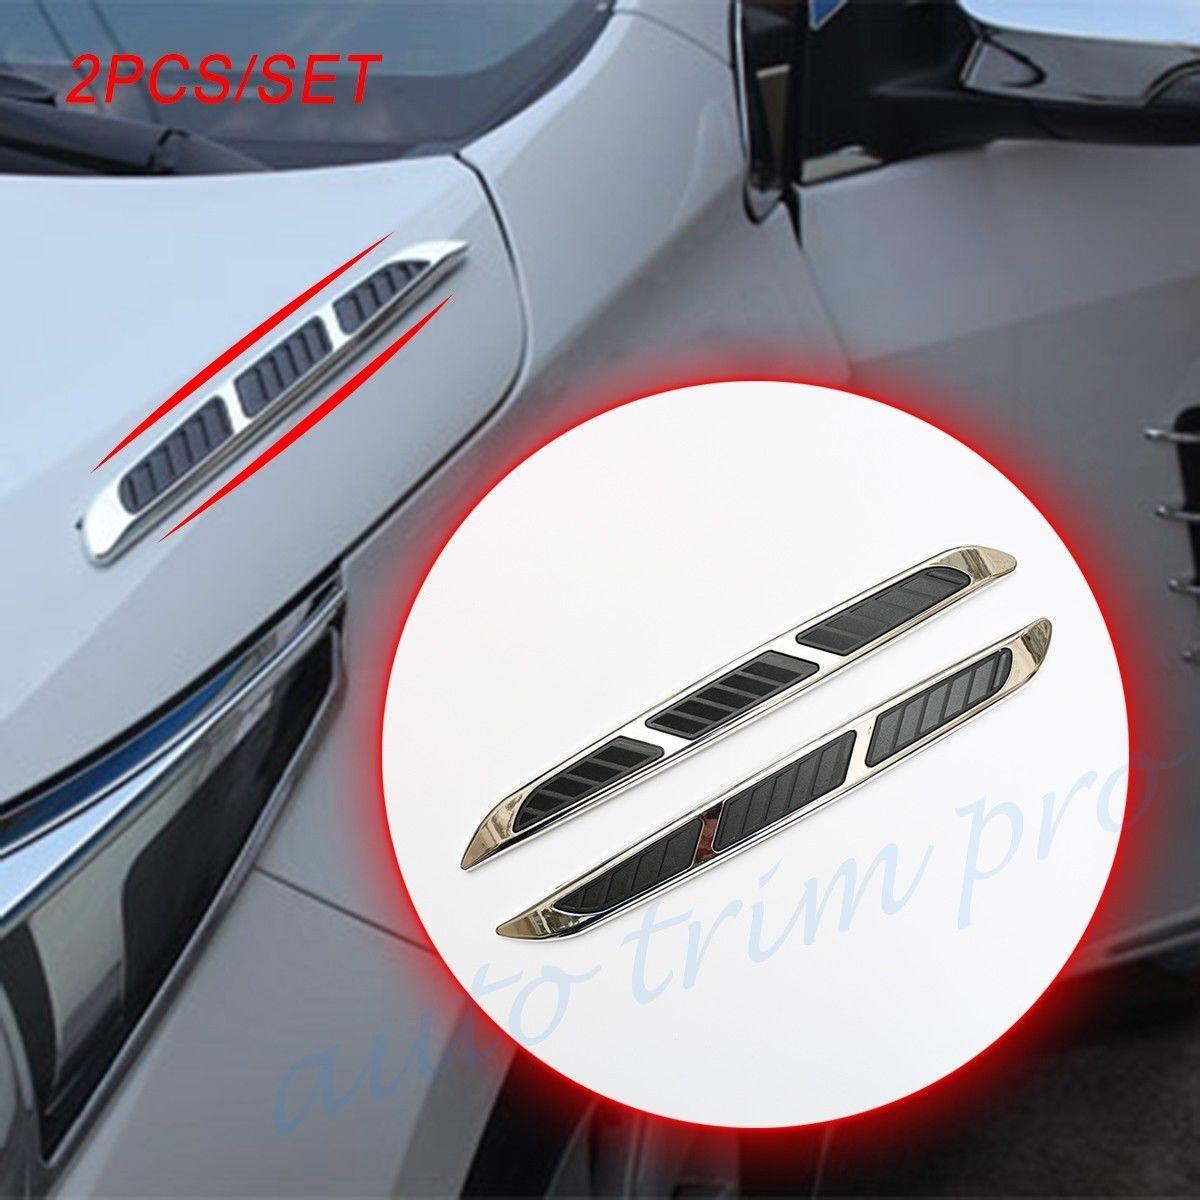 배 크롬 자동차 트럭 자동차 몰딩 액세서리 프론트 바디 사이드 에지 펜더 흐름 에어 벤트 펜더 데칼 스티커 커버 줄무늬 장식